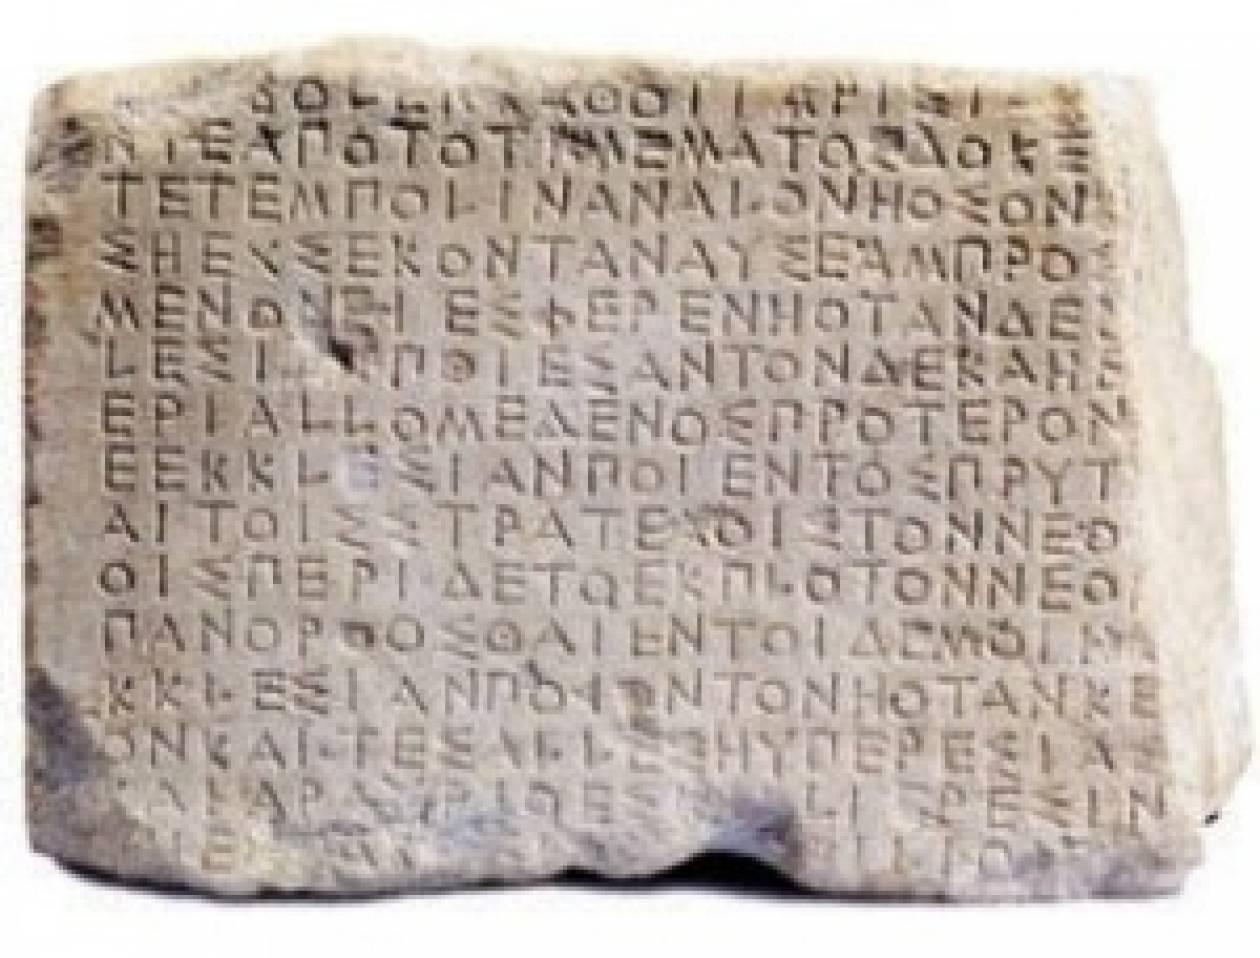 Γιατί οι Έλληνες δεν μαθαίνουν Αρχαία Ελληνικά στο σχολείo;